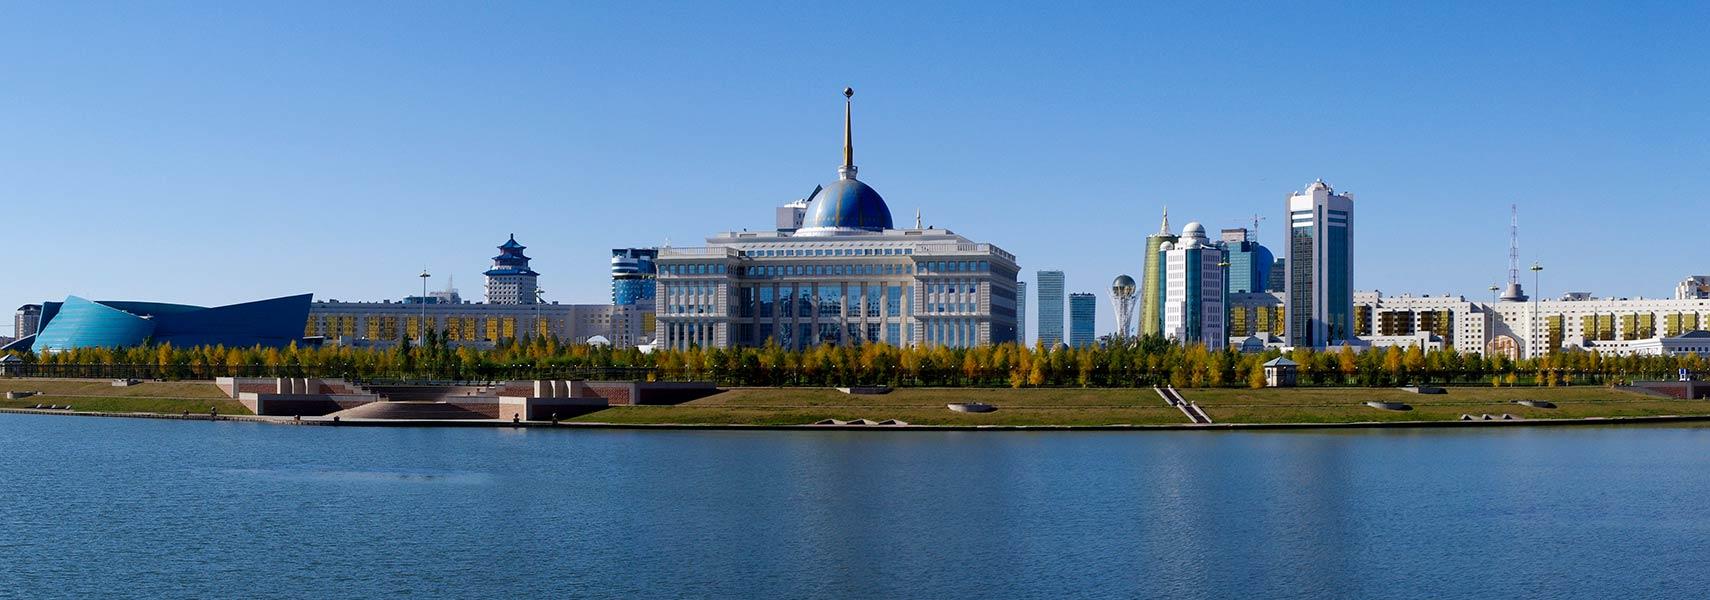 Kazakhstan - Country Profile - Qazaqstan